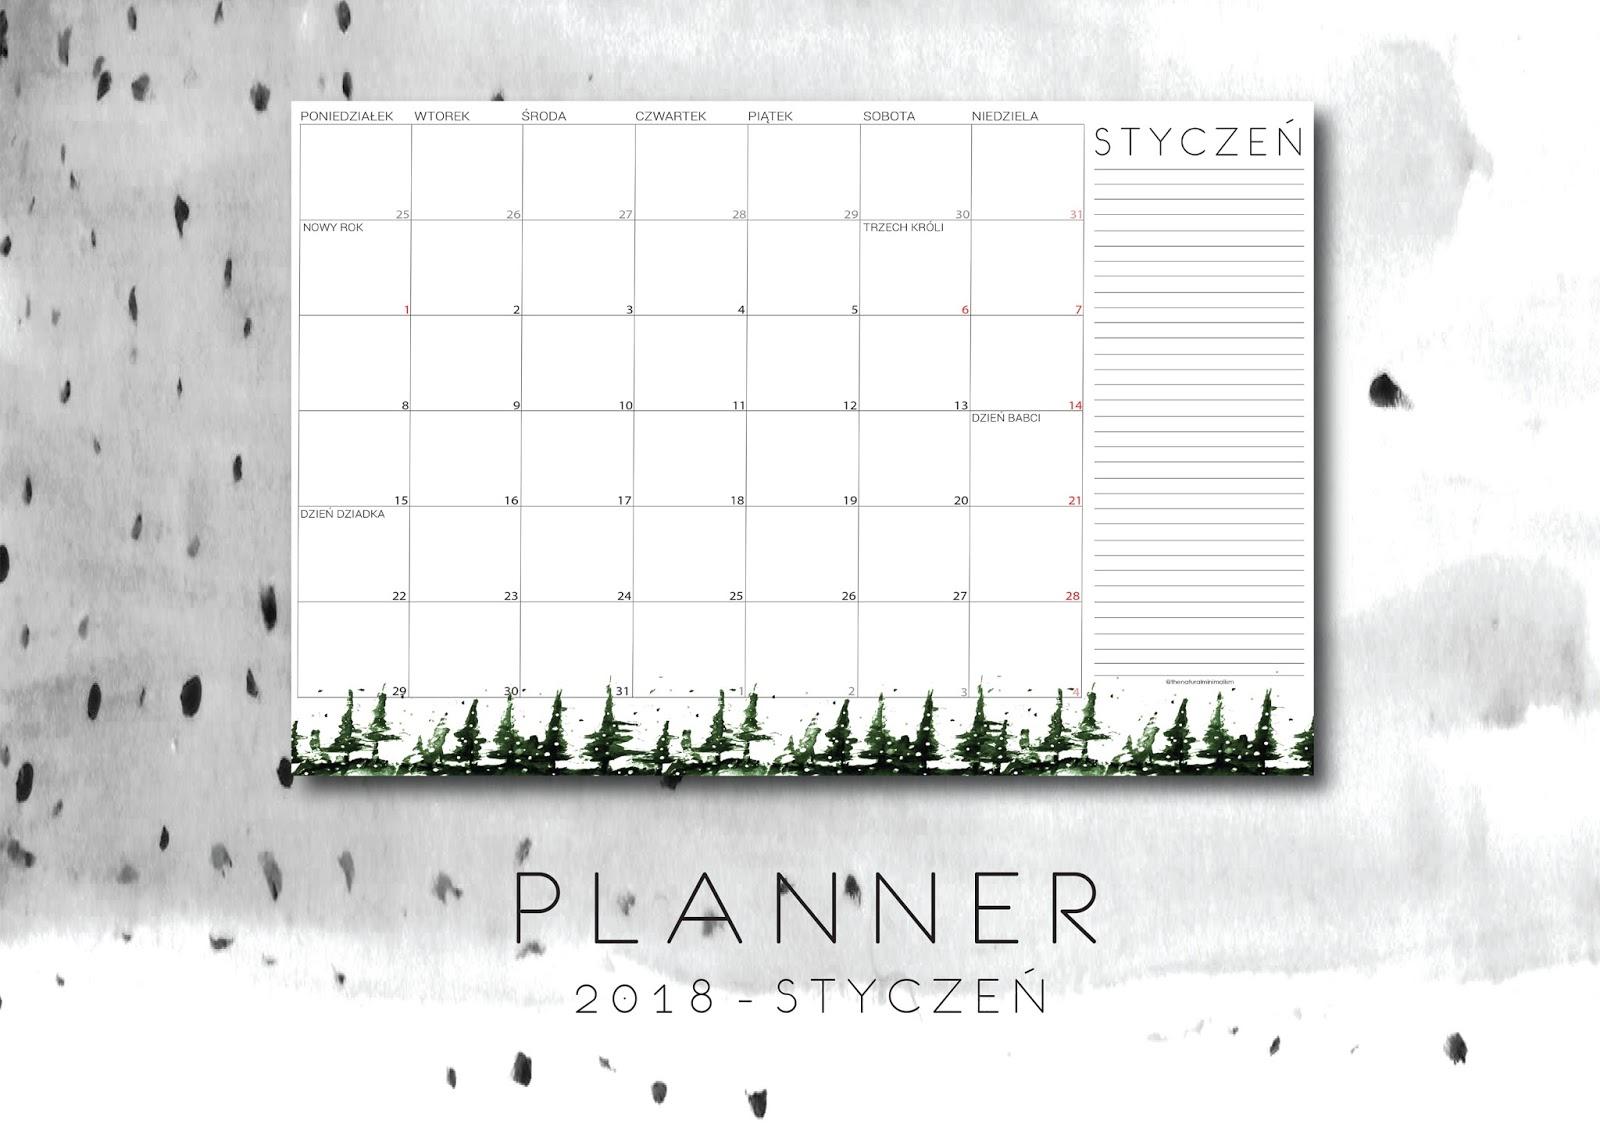 Planner - styczeń 2018 do druku